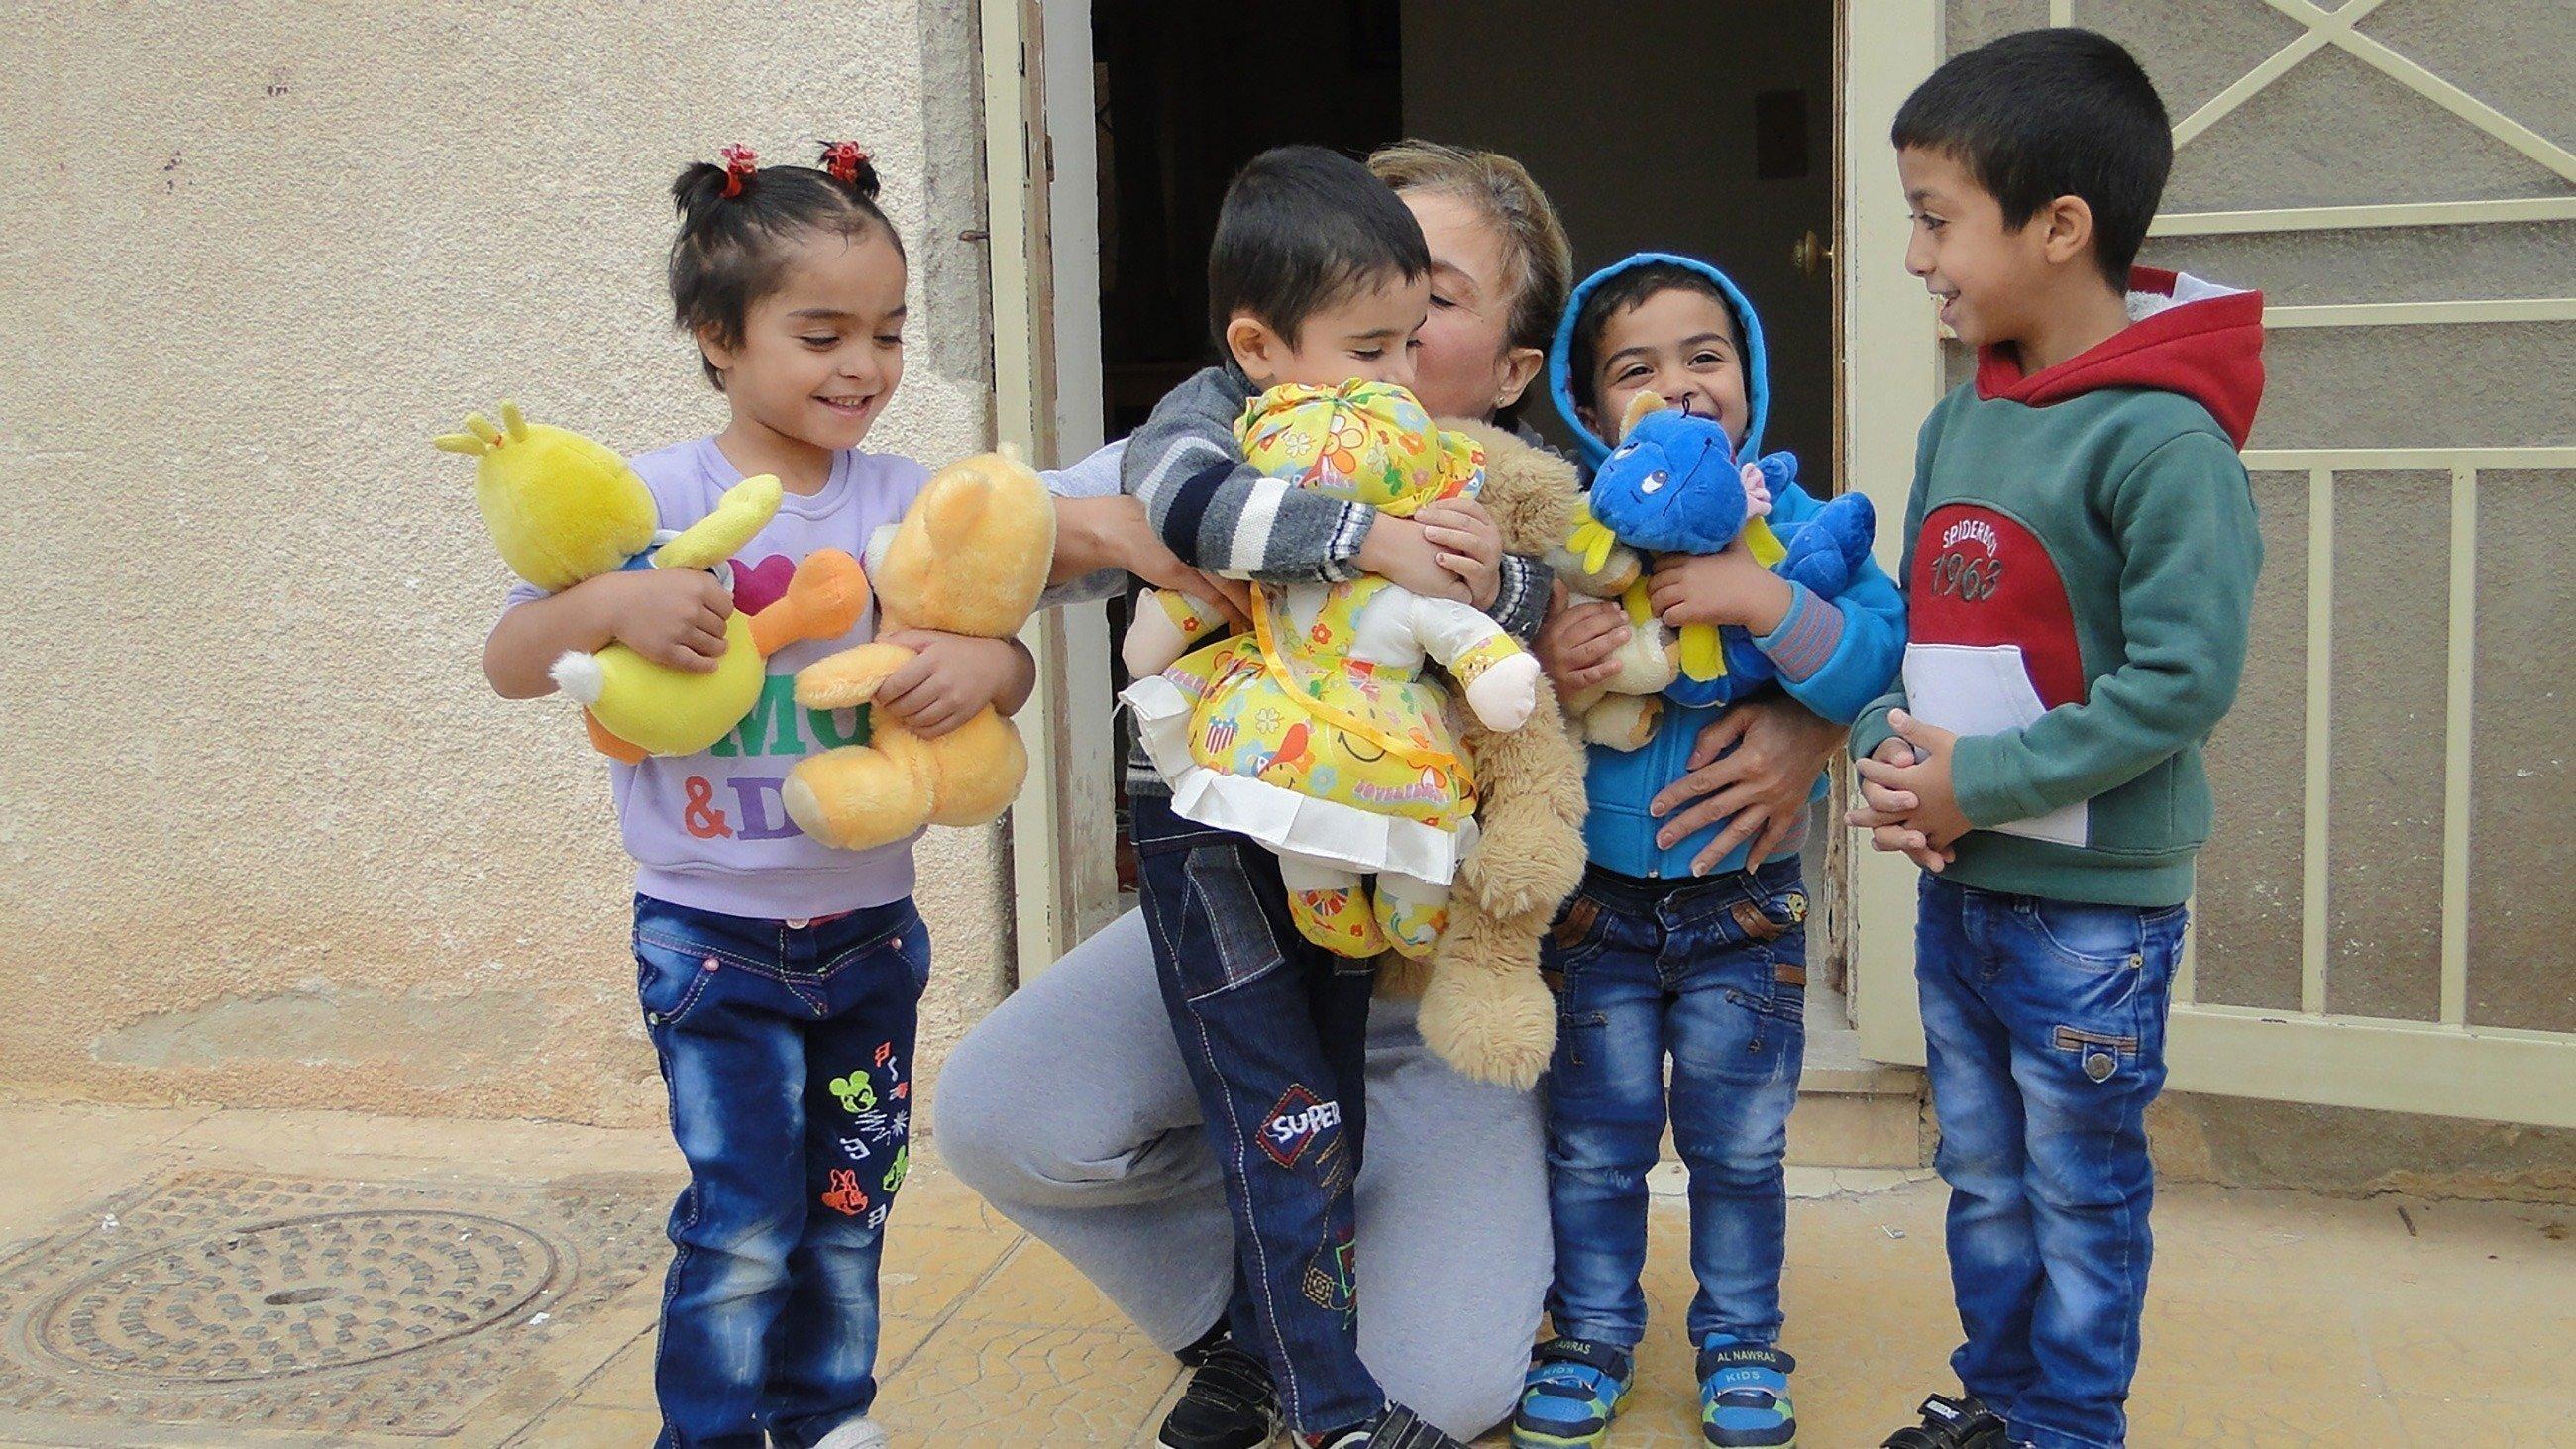 Des enfants heureux devant des peluches.